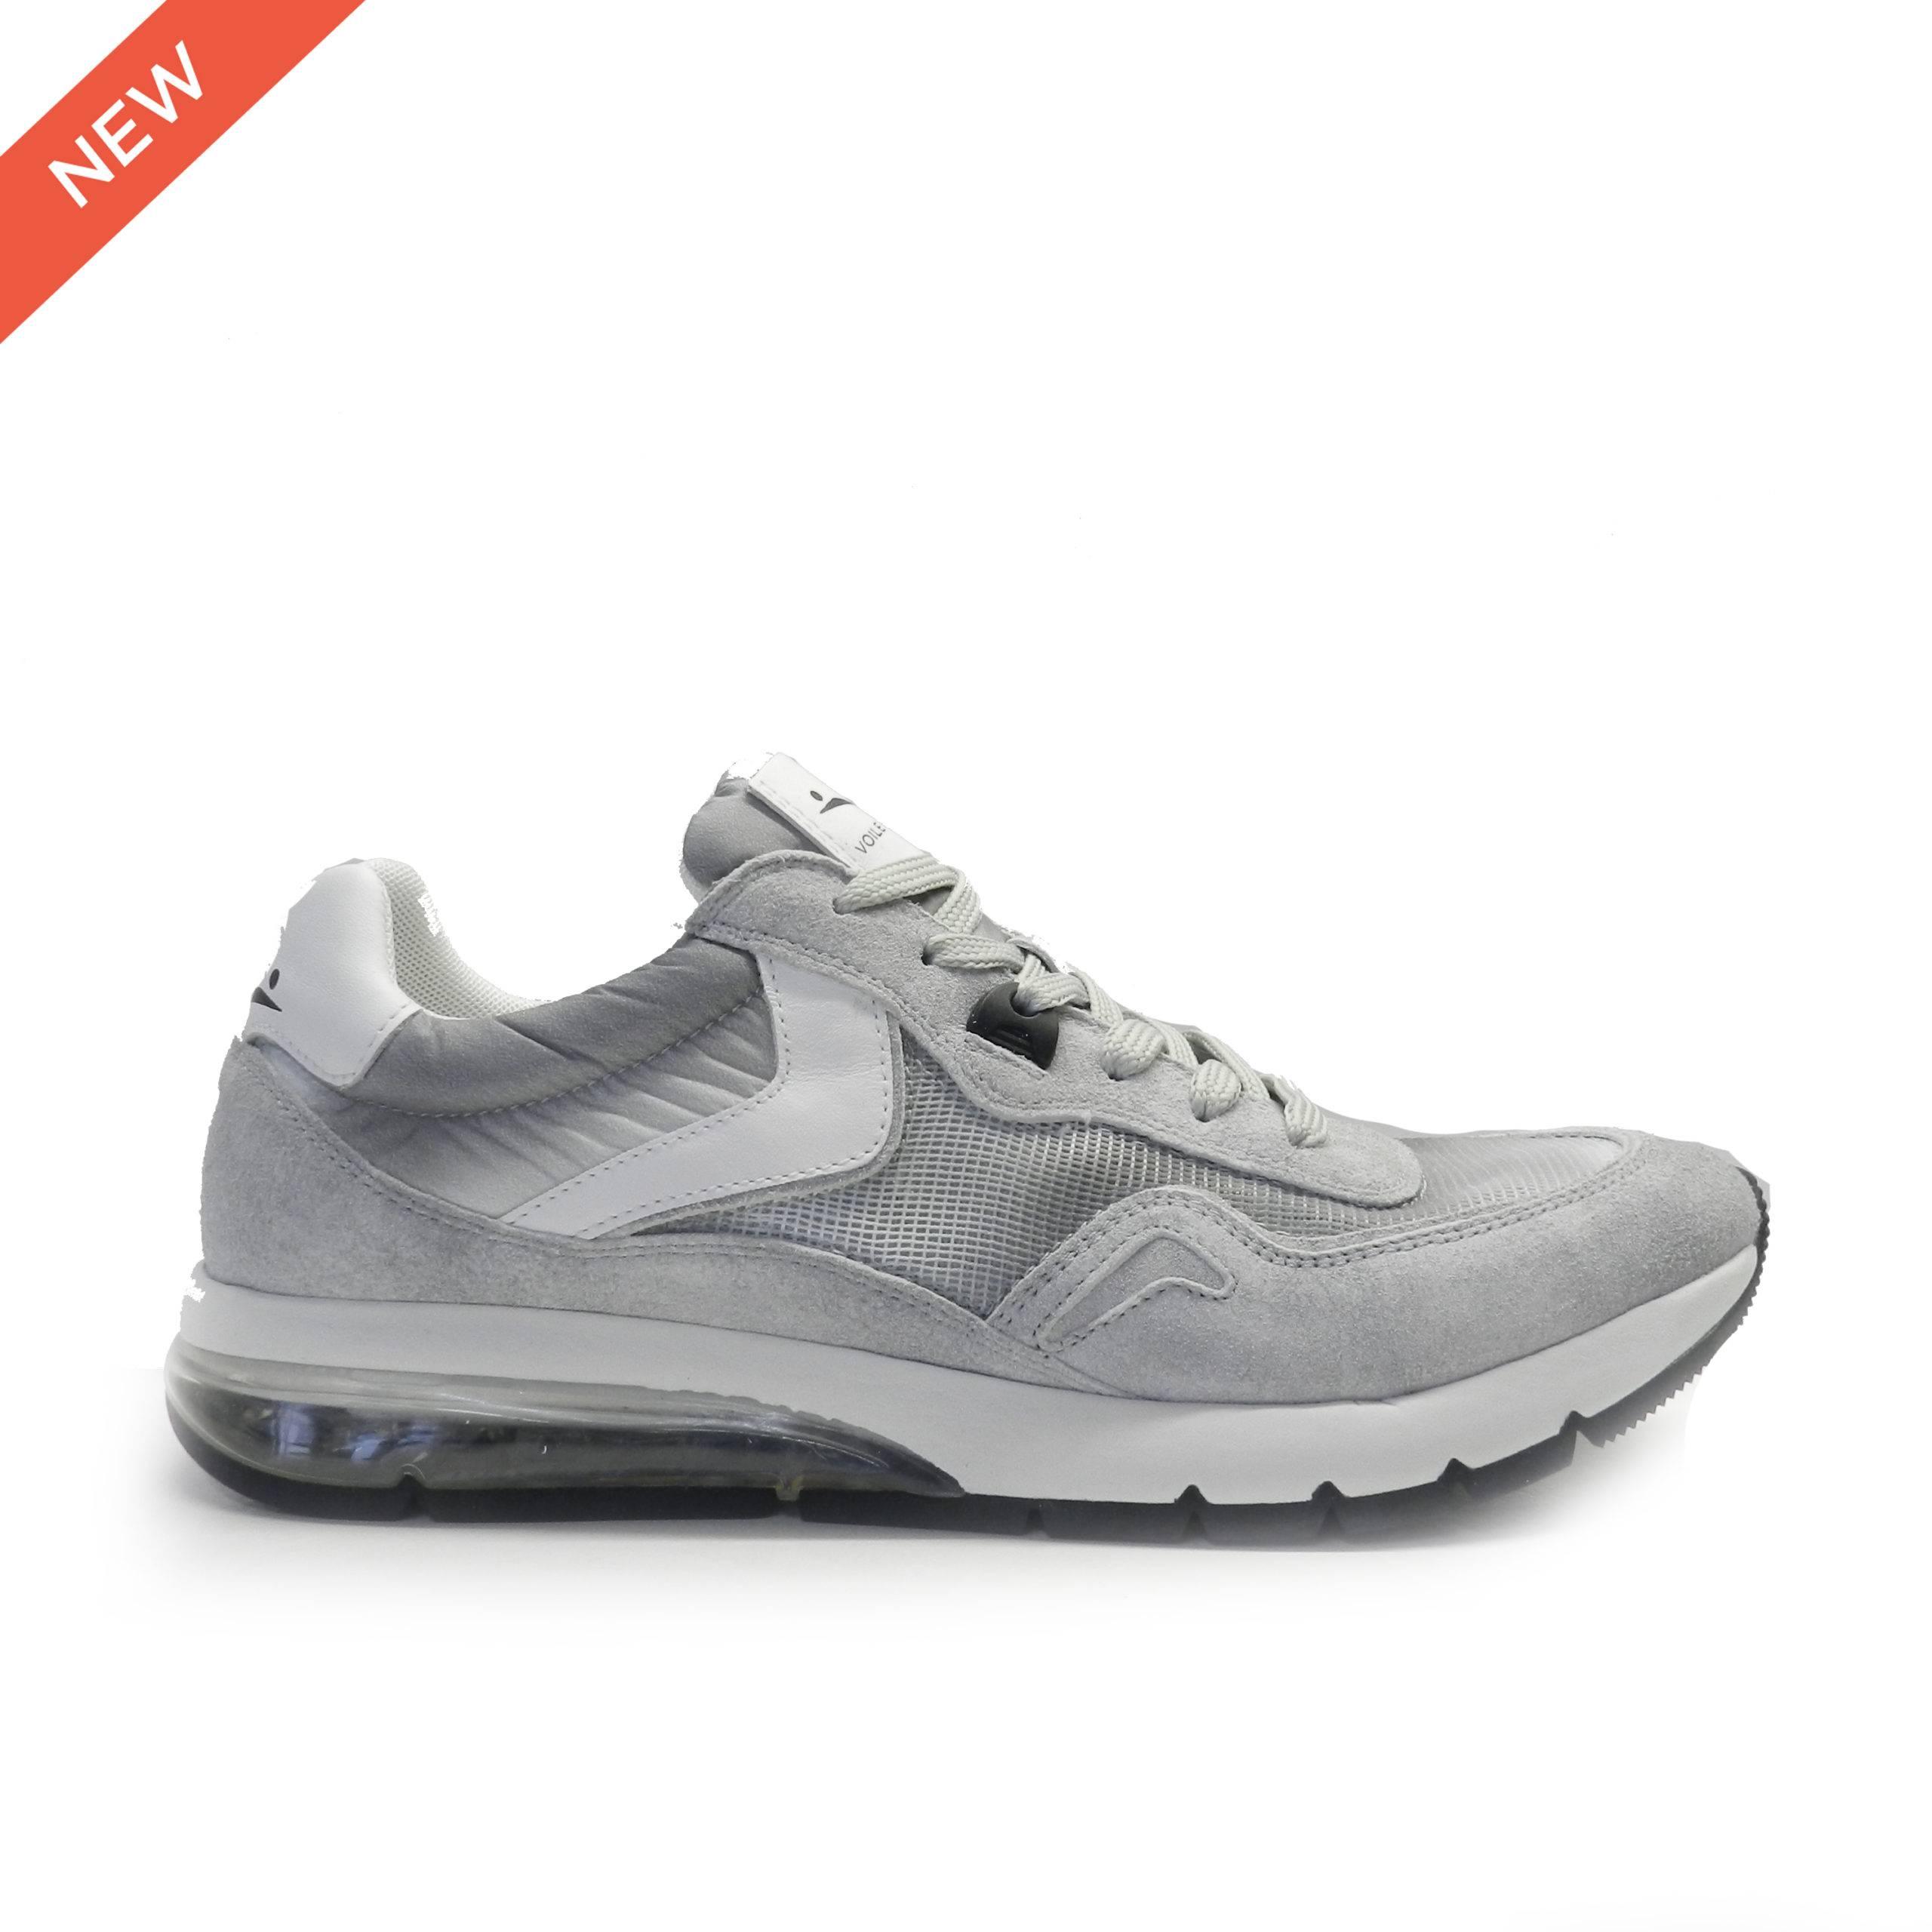 sneakers de cordones combinado en piel de nobuck y rejilla, tacón cámara transparente, marca Voile Blanche.